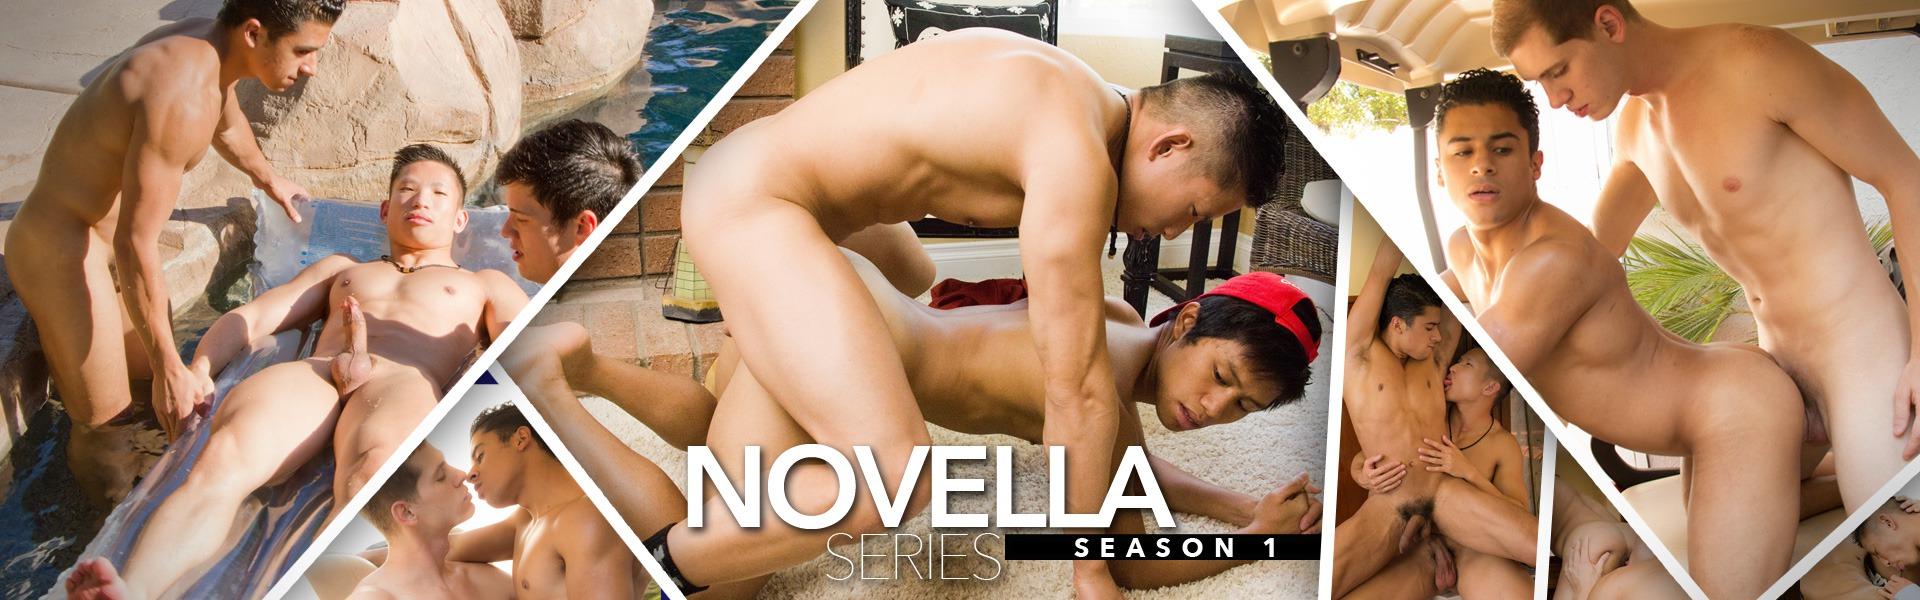 Peter Fever - Novella Season 1